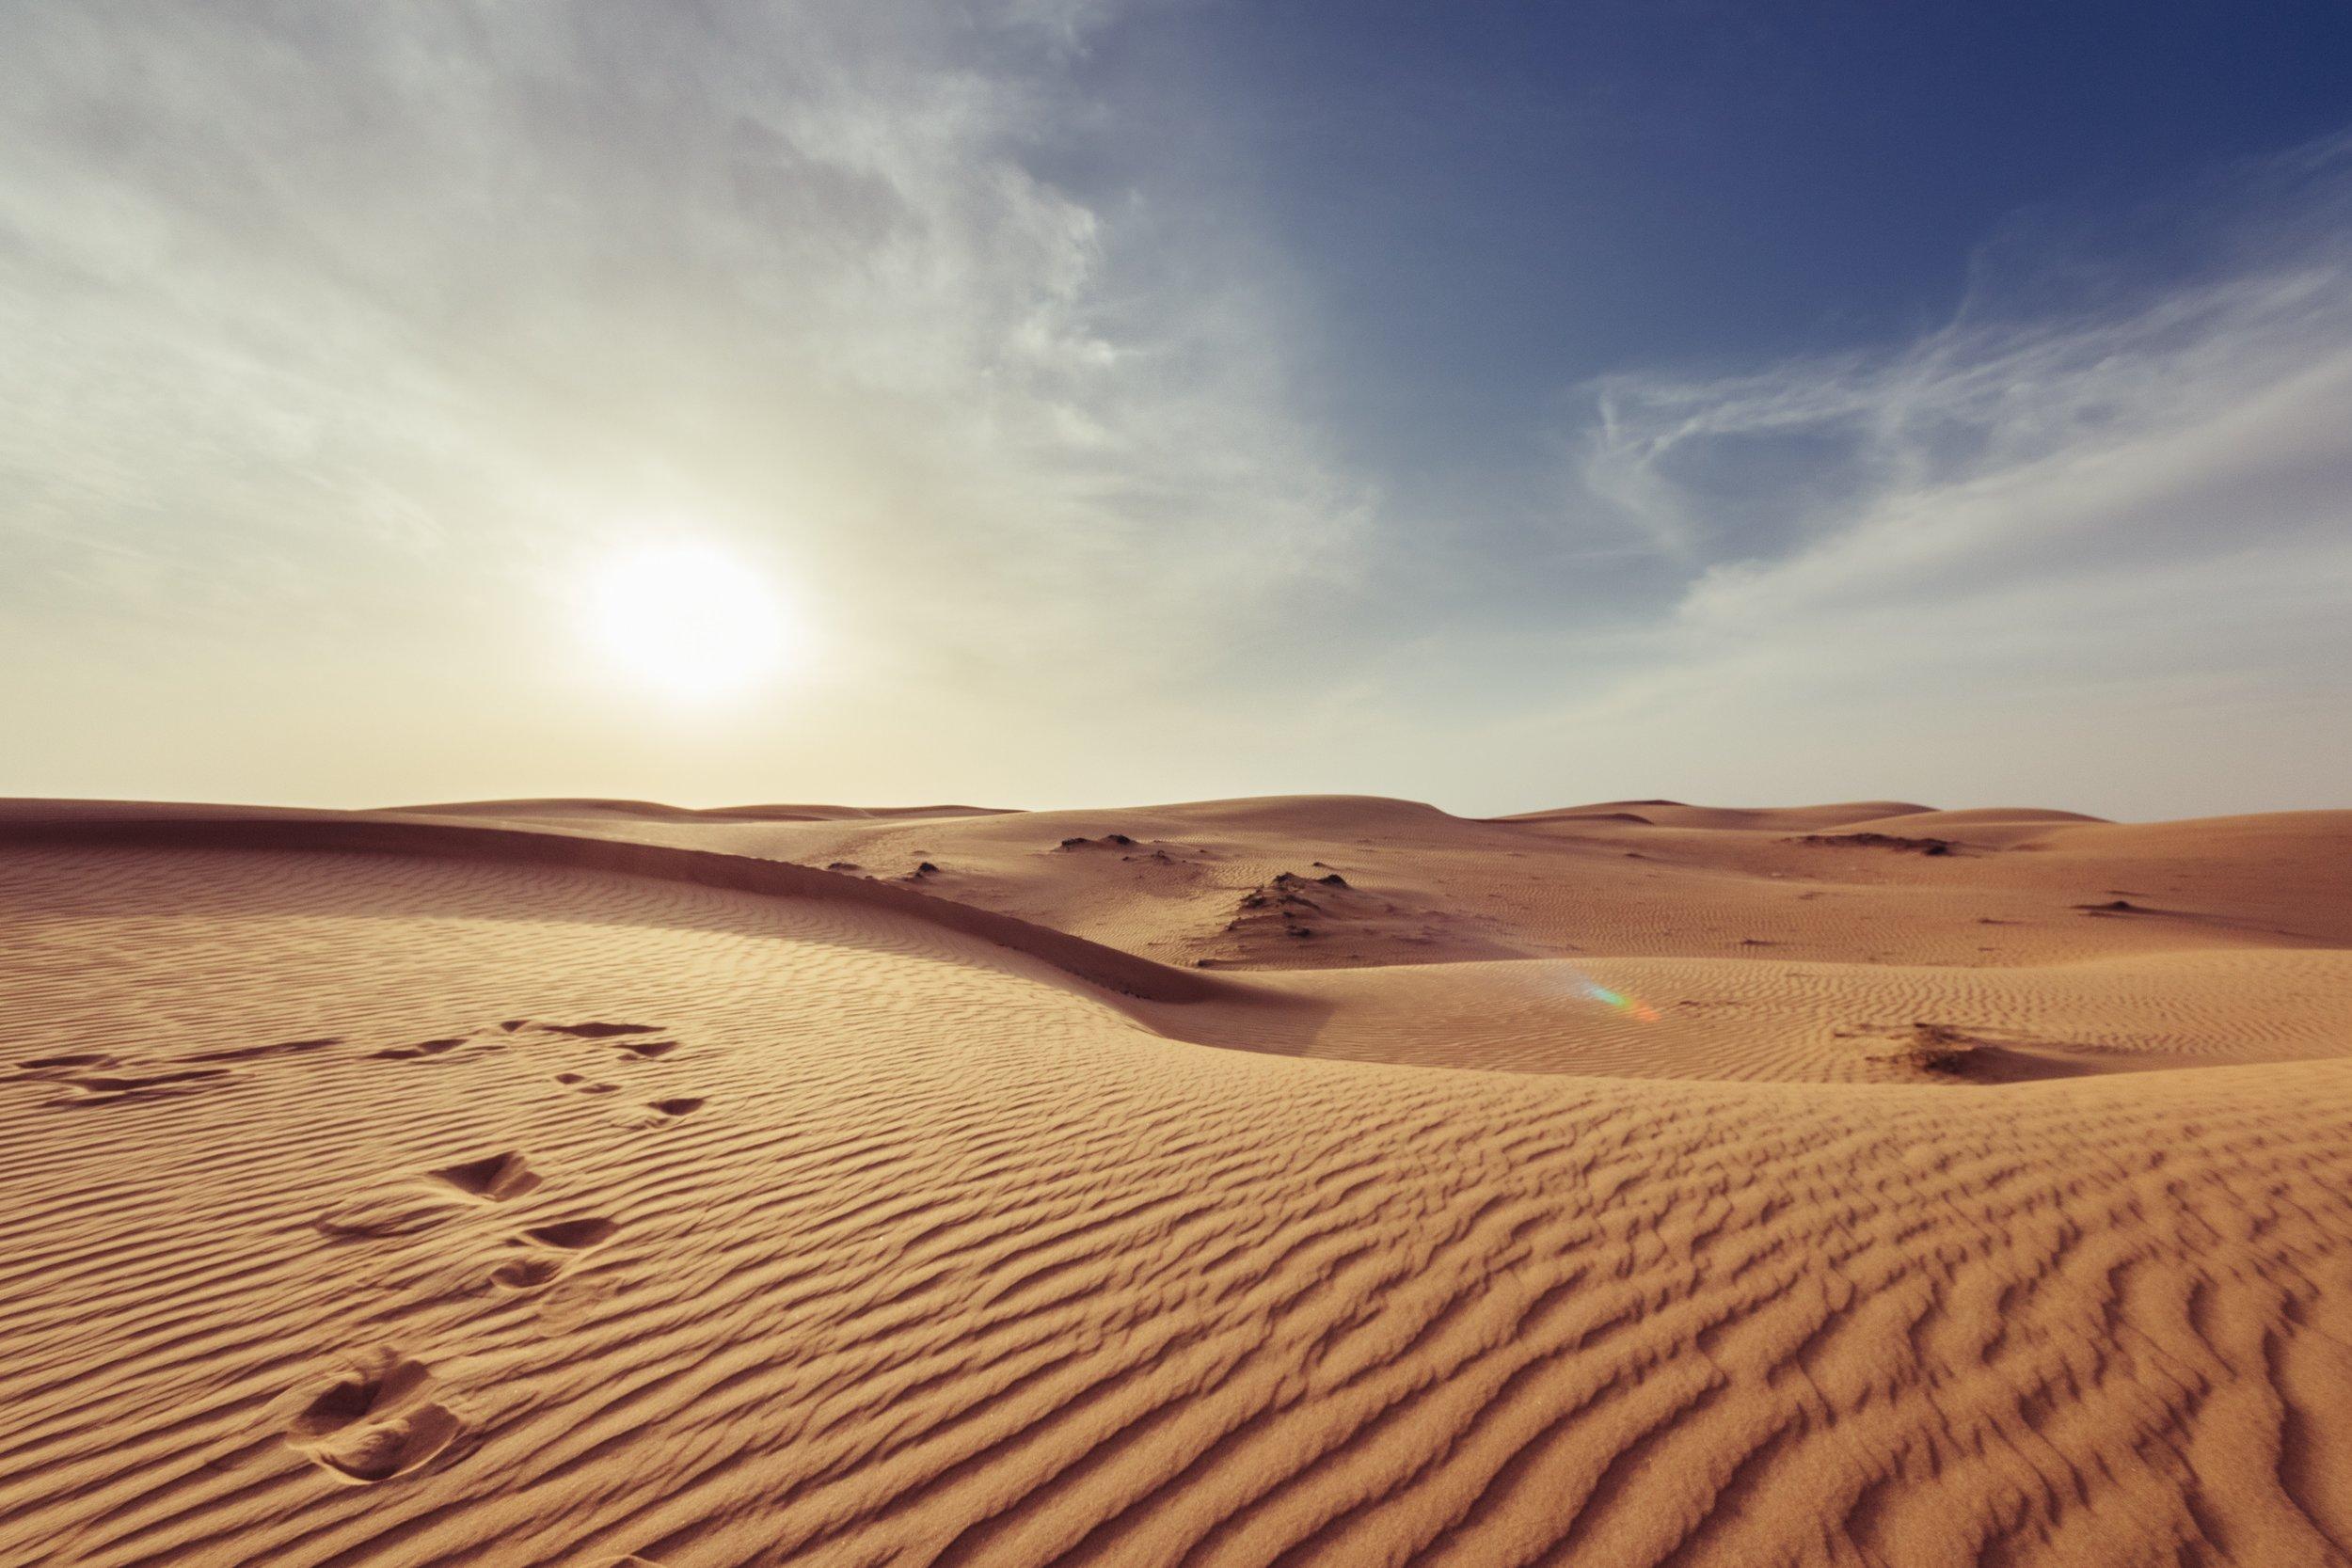 sands-desert-oman.jpg